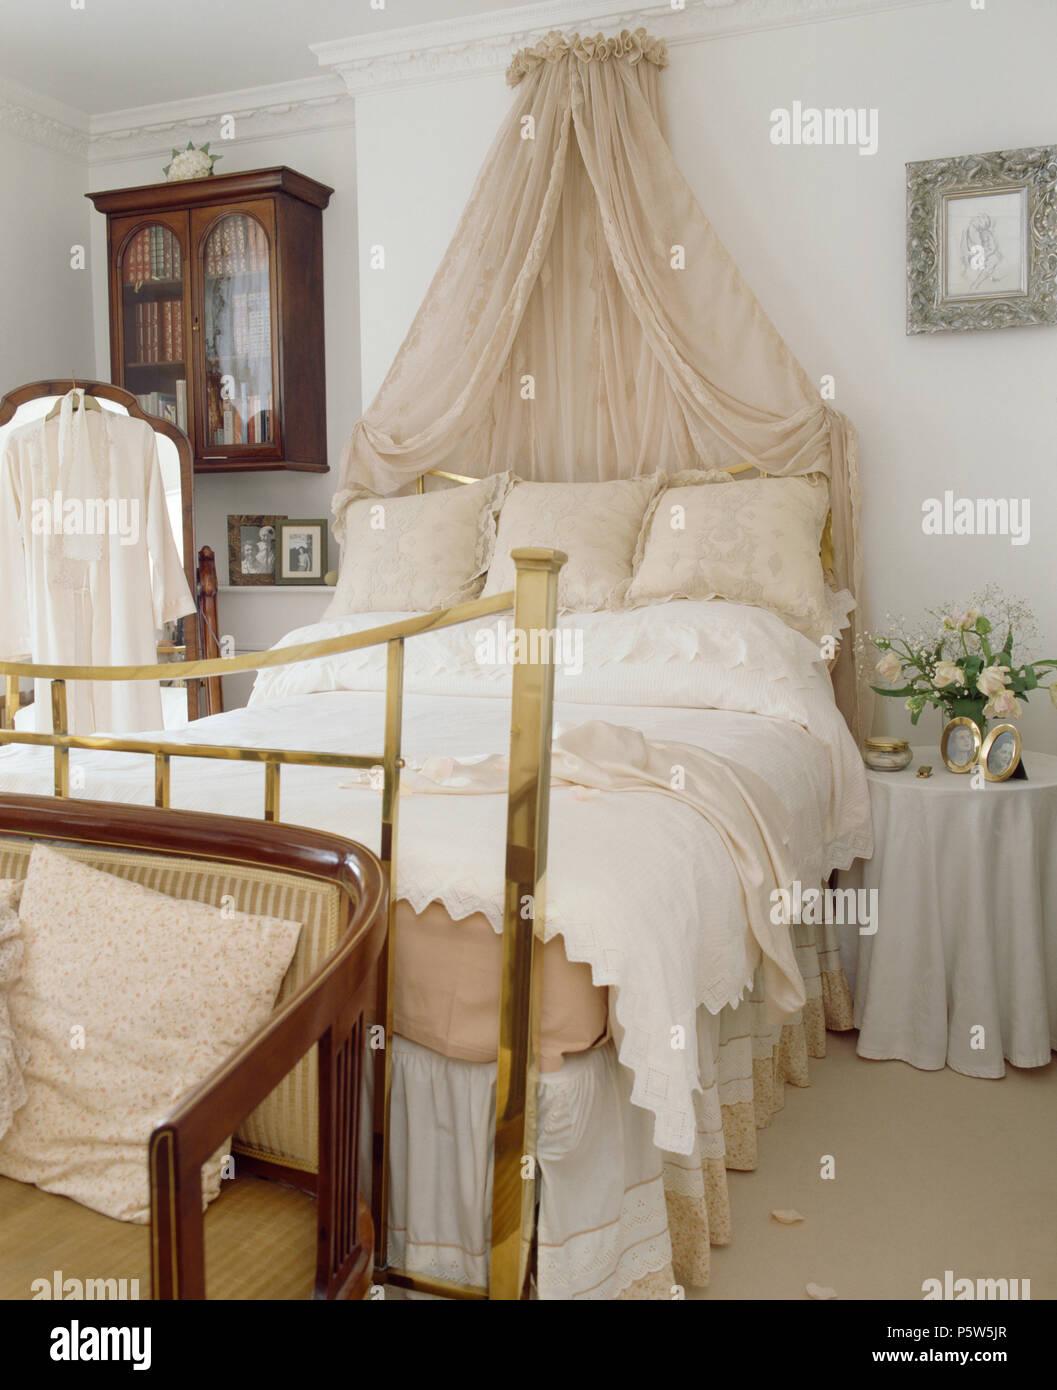 Coronet crème avec rideaux voile au-dessus de lit en laiton avec ...